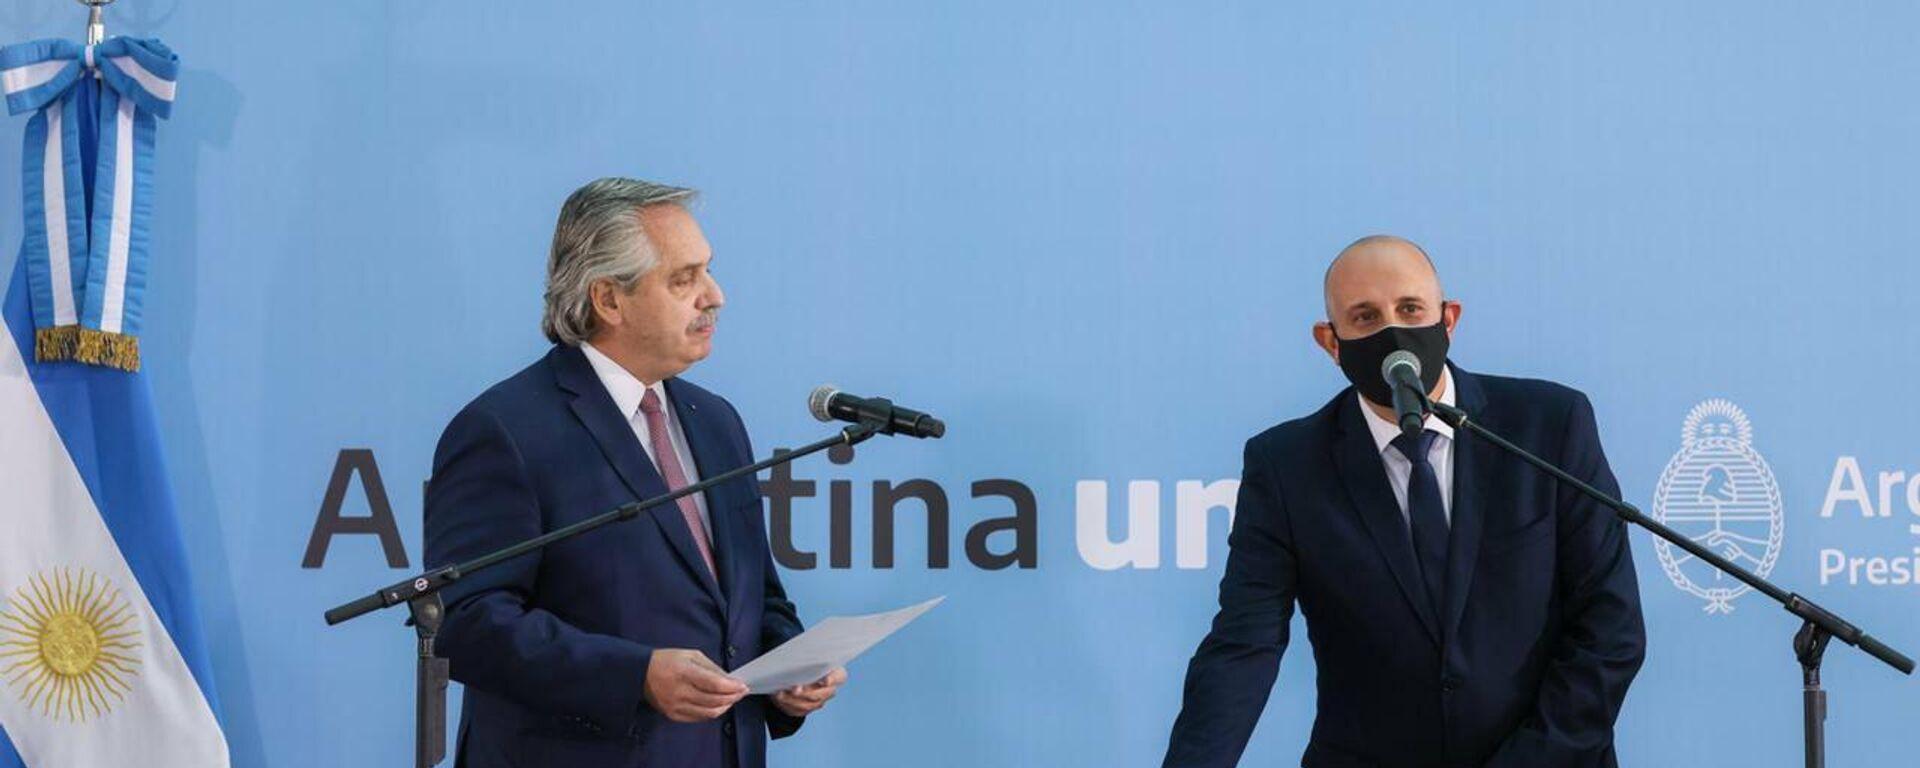 El presidente de Argentina, Alberto Fernández, tomó juramento como nuevo ministro de Transporte a Alexis Guerrera - Sputnik Mundo, 1920, 03.05.2021